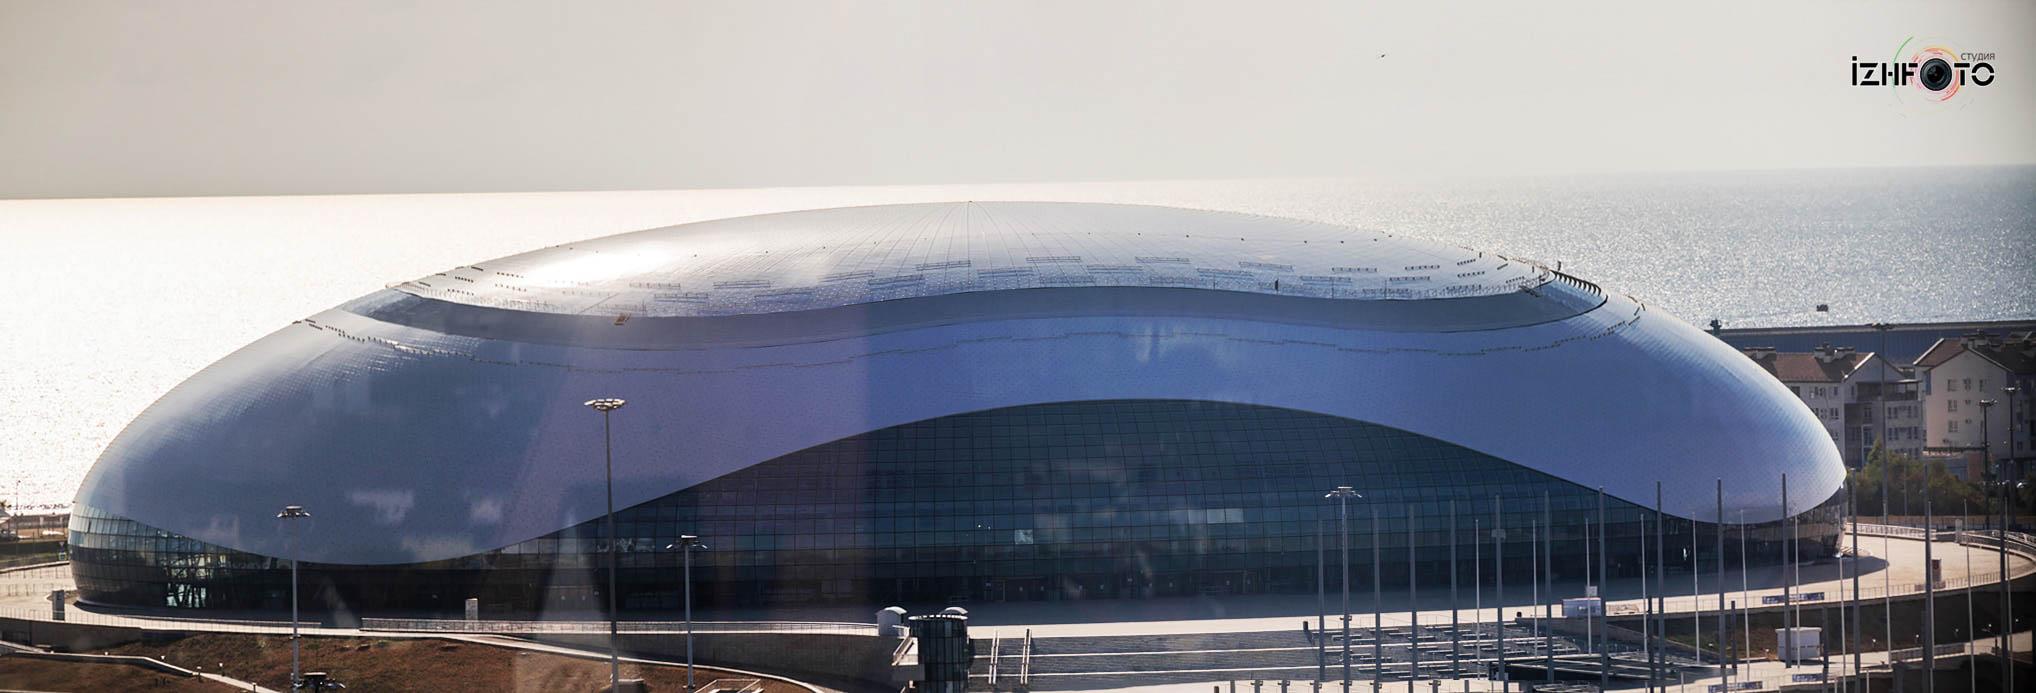 Стадион Большой Сочи Фото